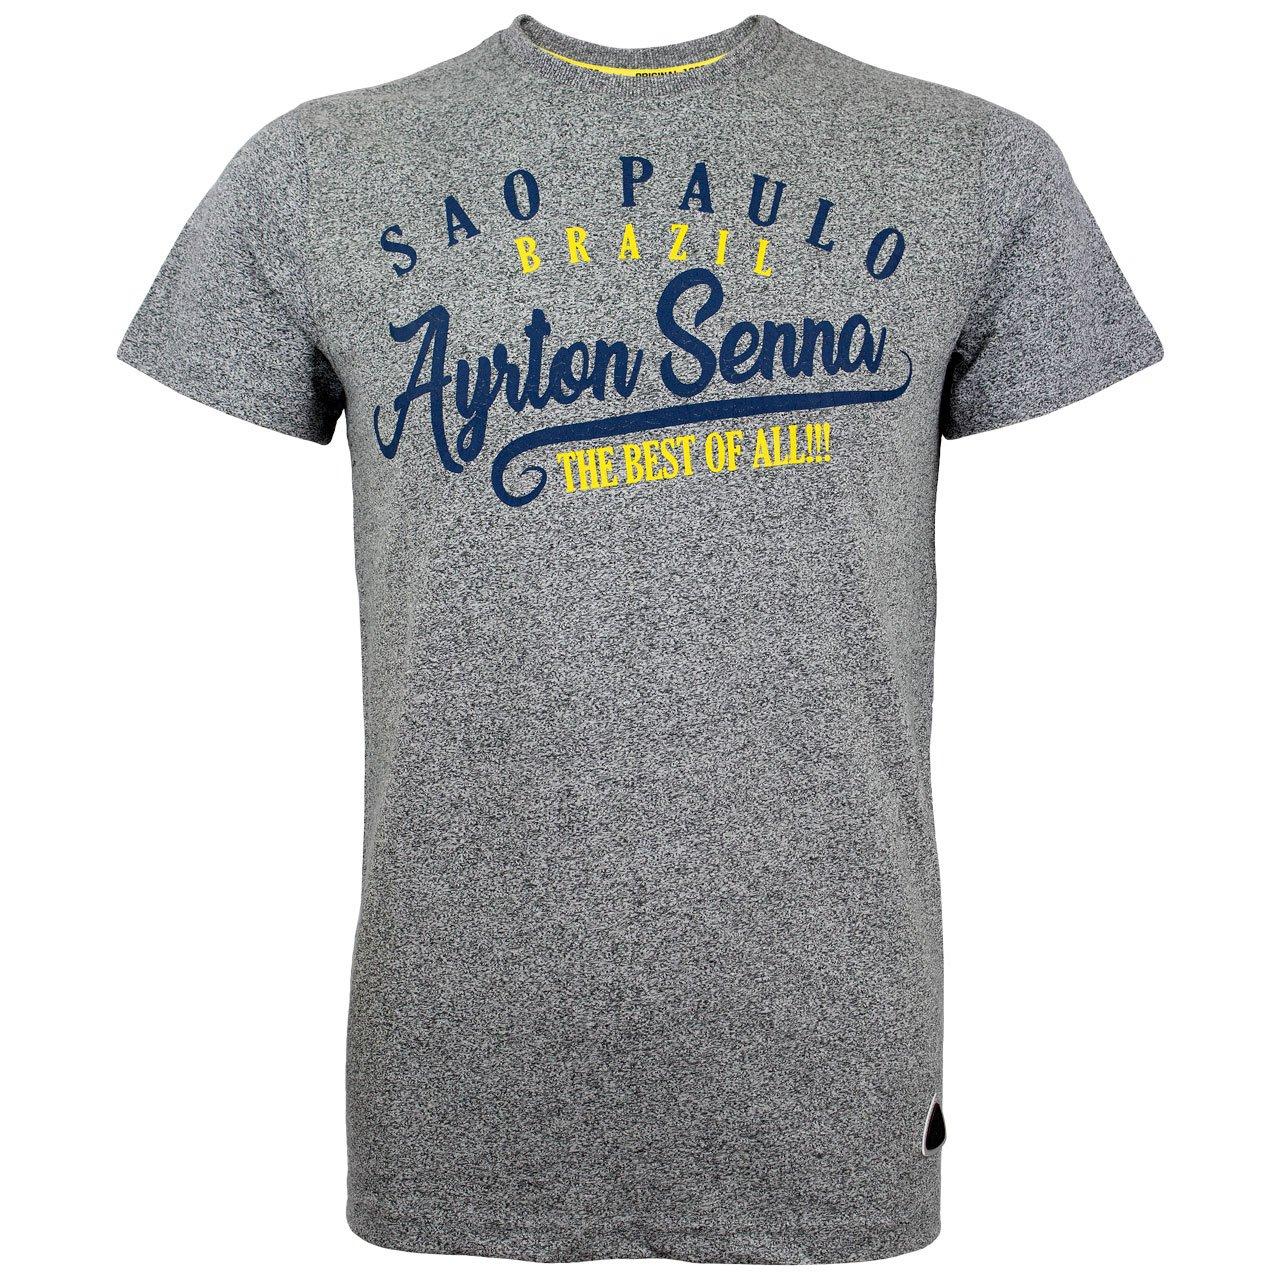 MBA-SPORT Ayrton Senna Polo-Shirt Sao Paulo